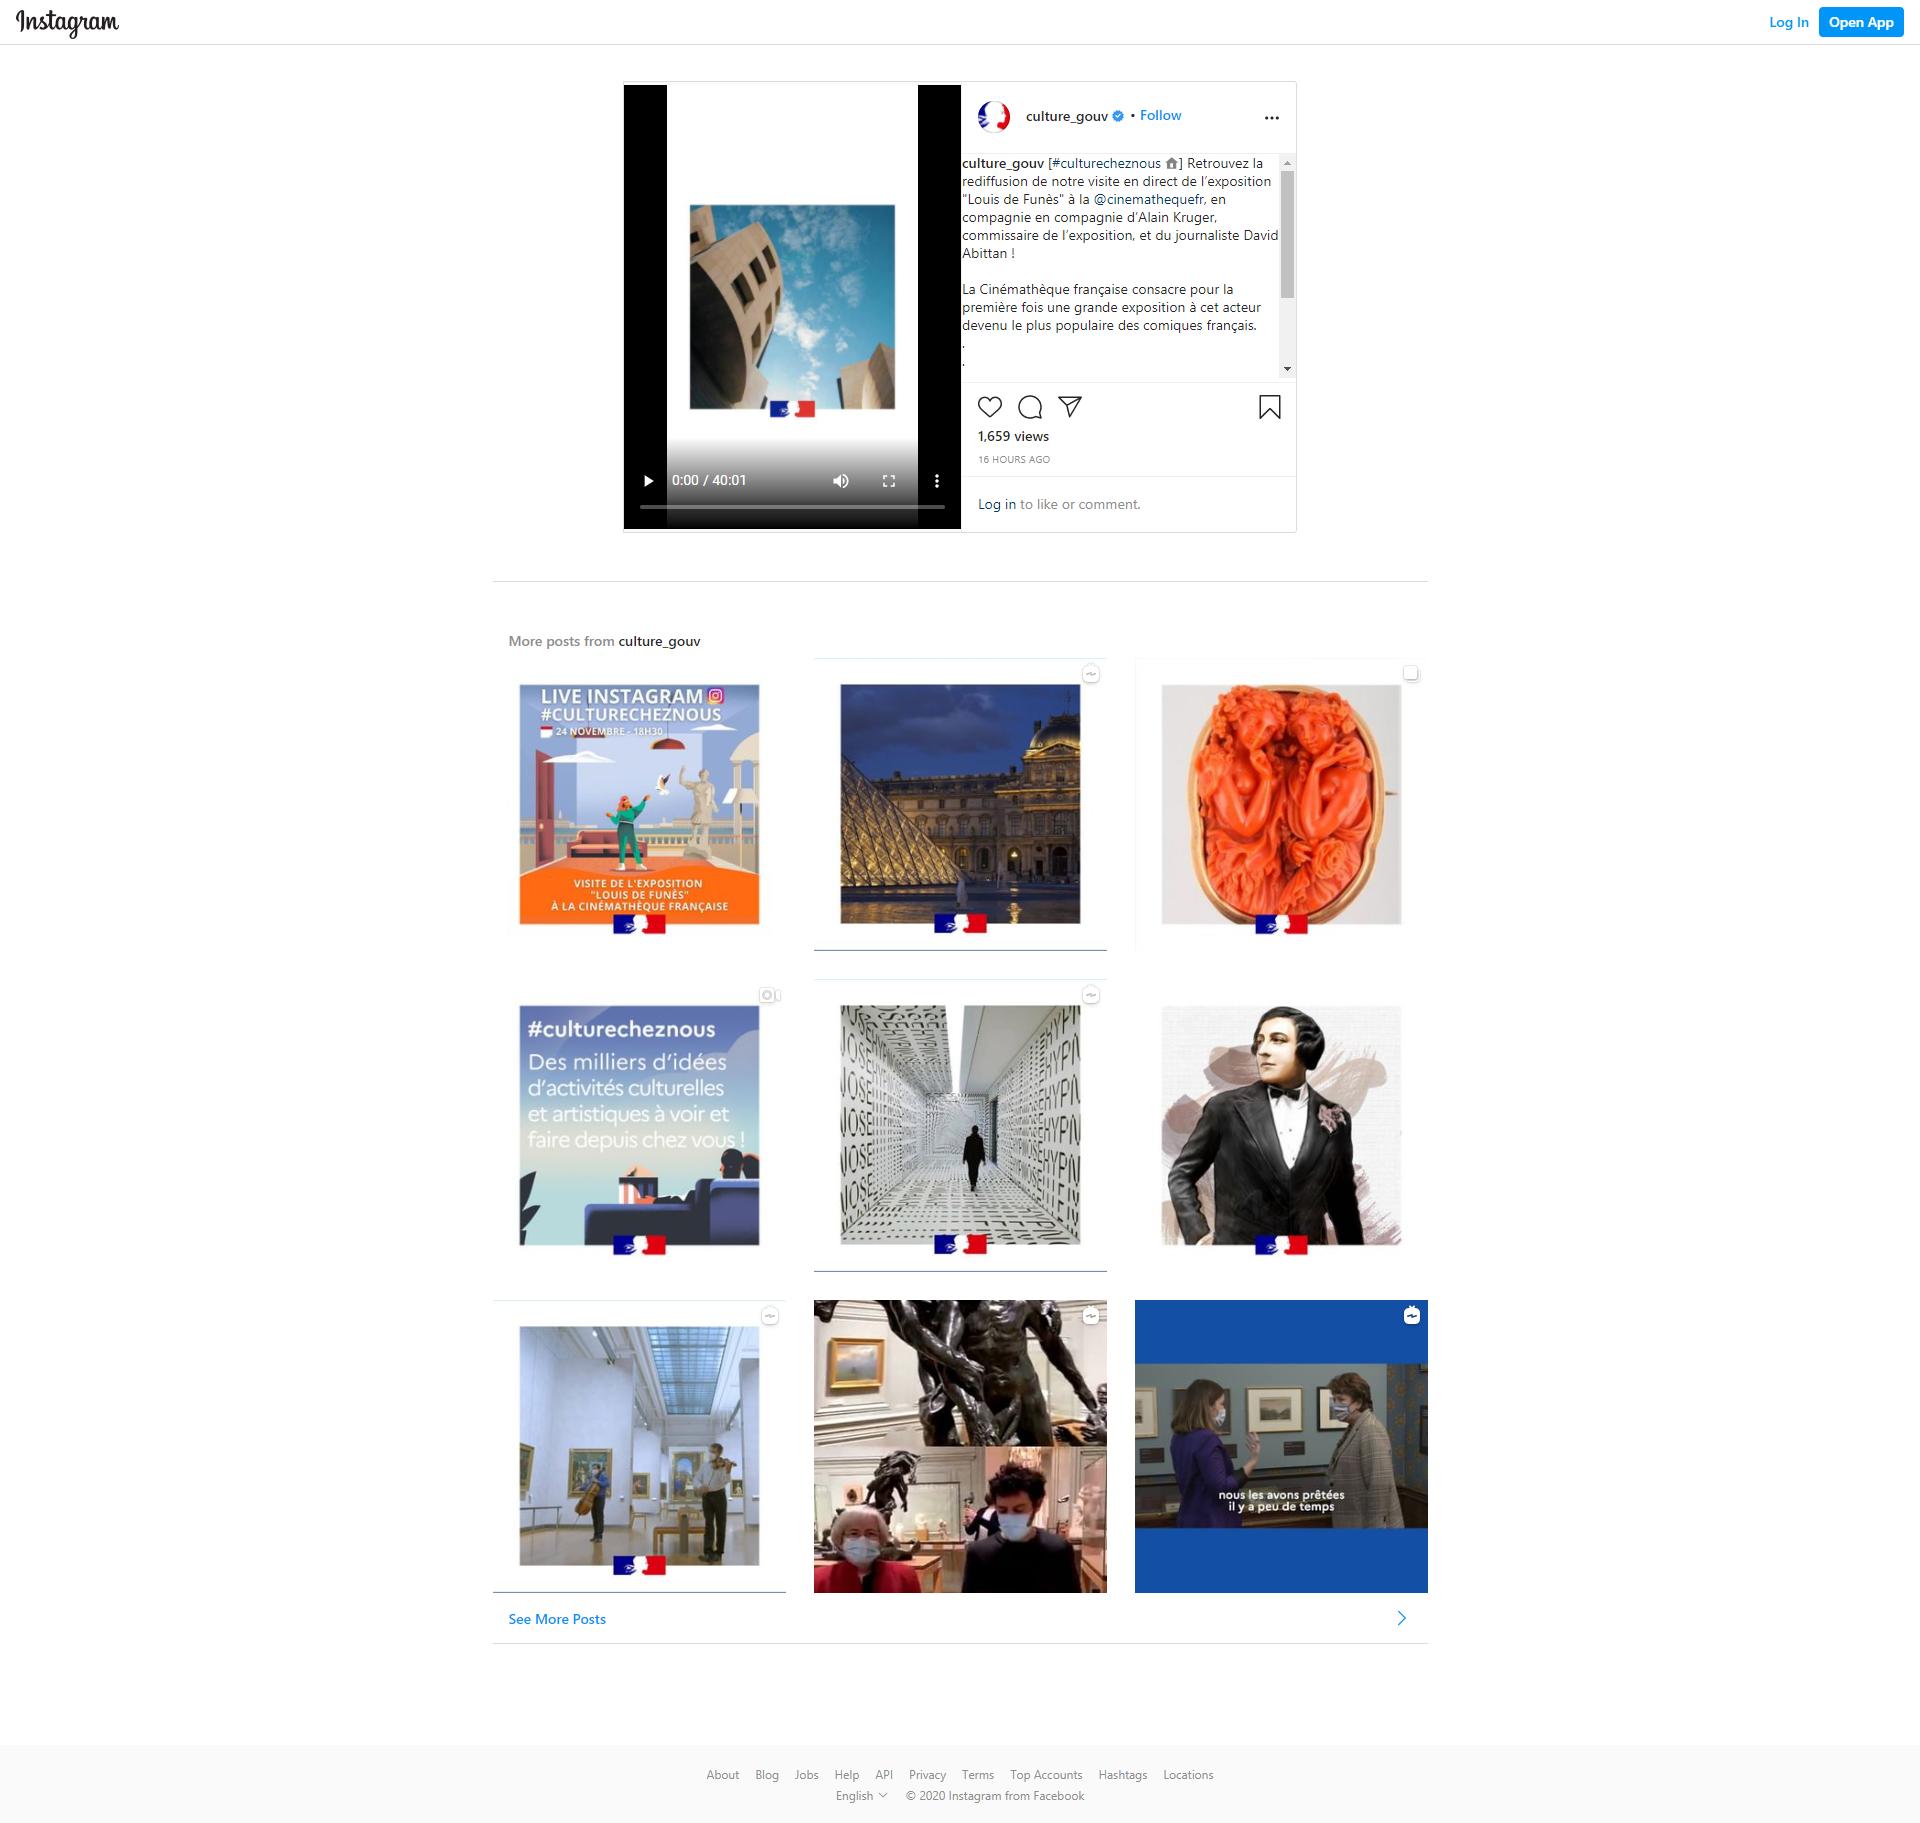 social média manager - stratégie digitale culturelle - ministère de la culture Jean-Vincent Banes | Social média manager | Ministère de la Culture | stratégie digitale culturelle instagram ministere de la culture jean vincent banes